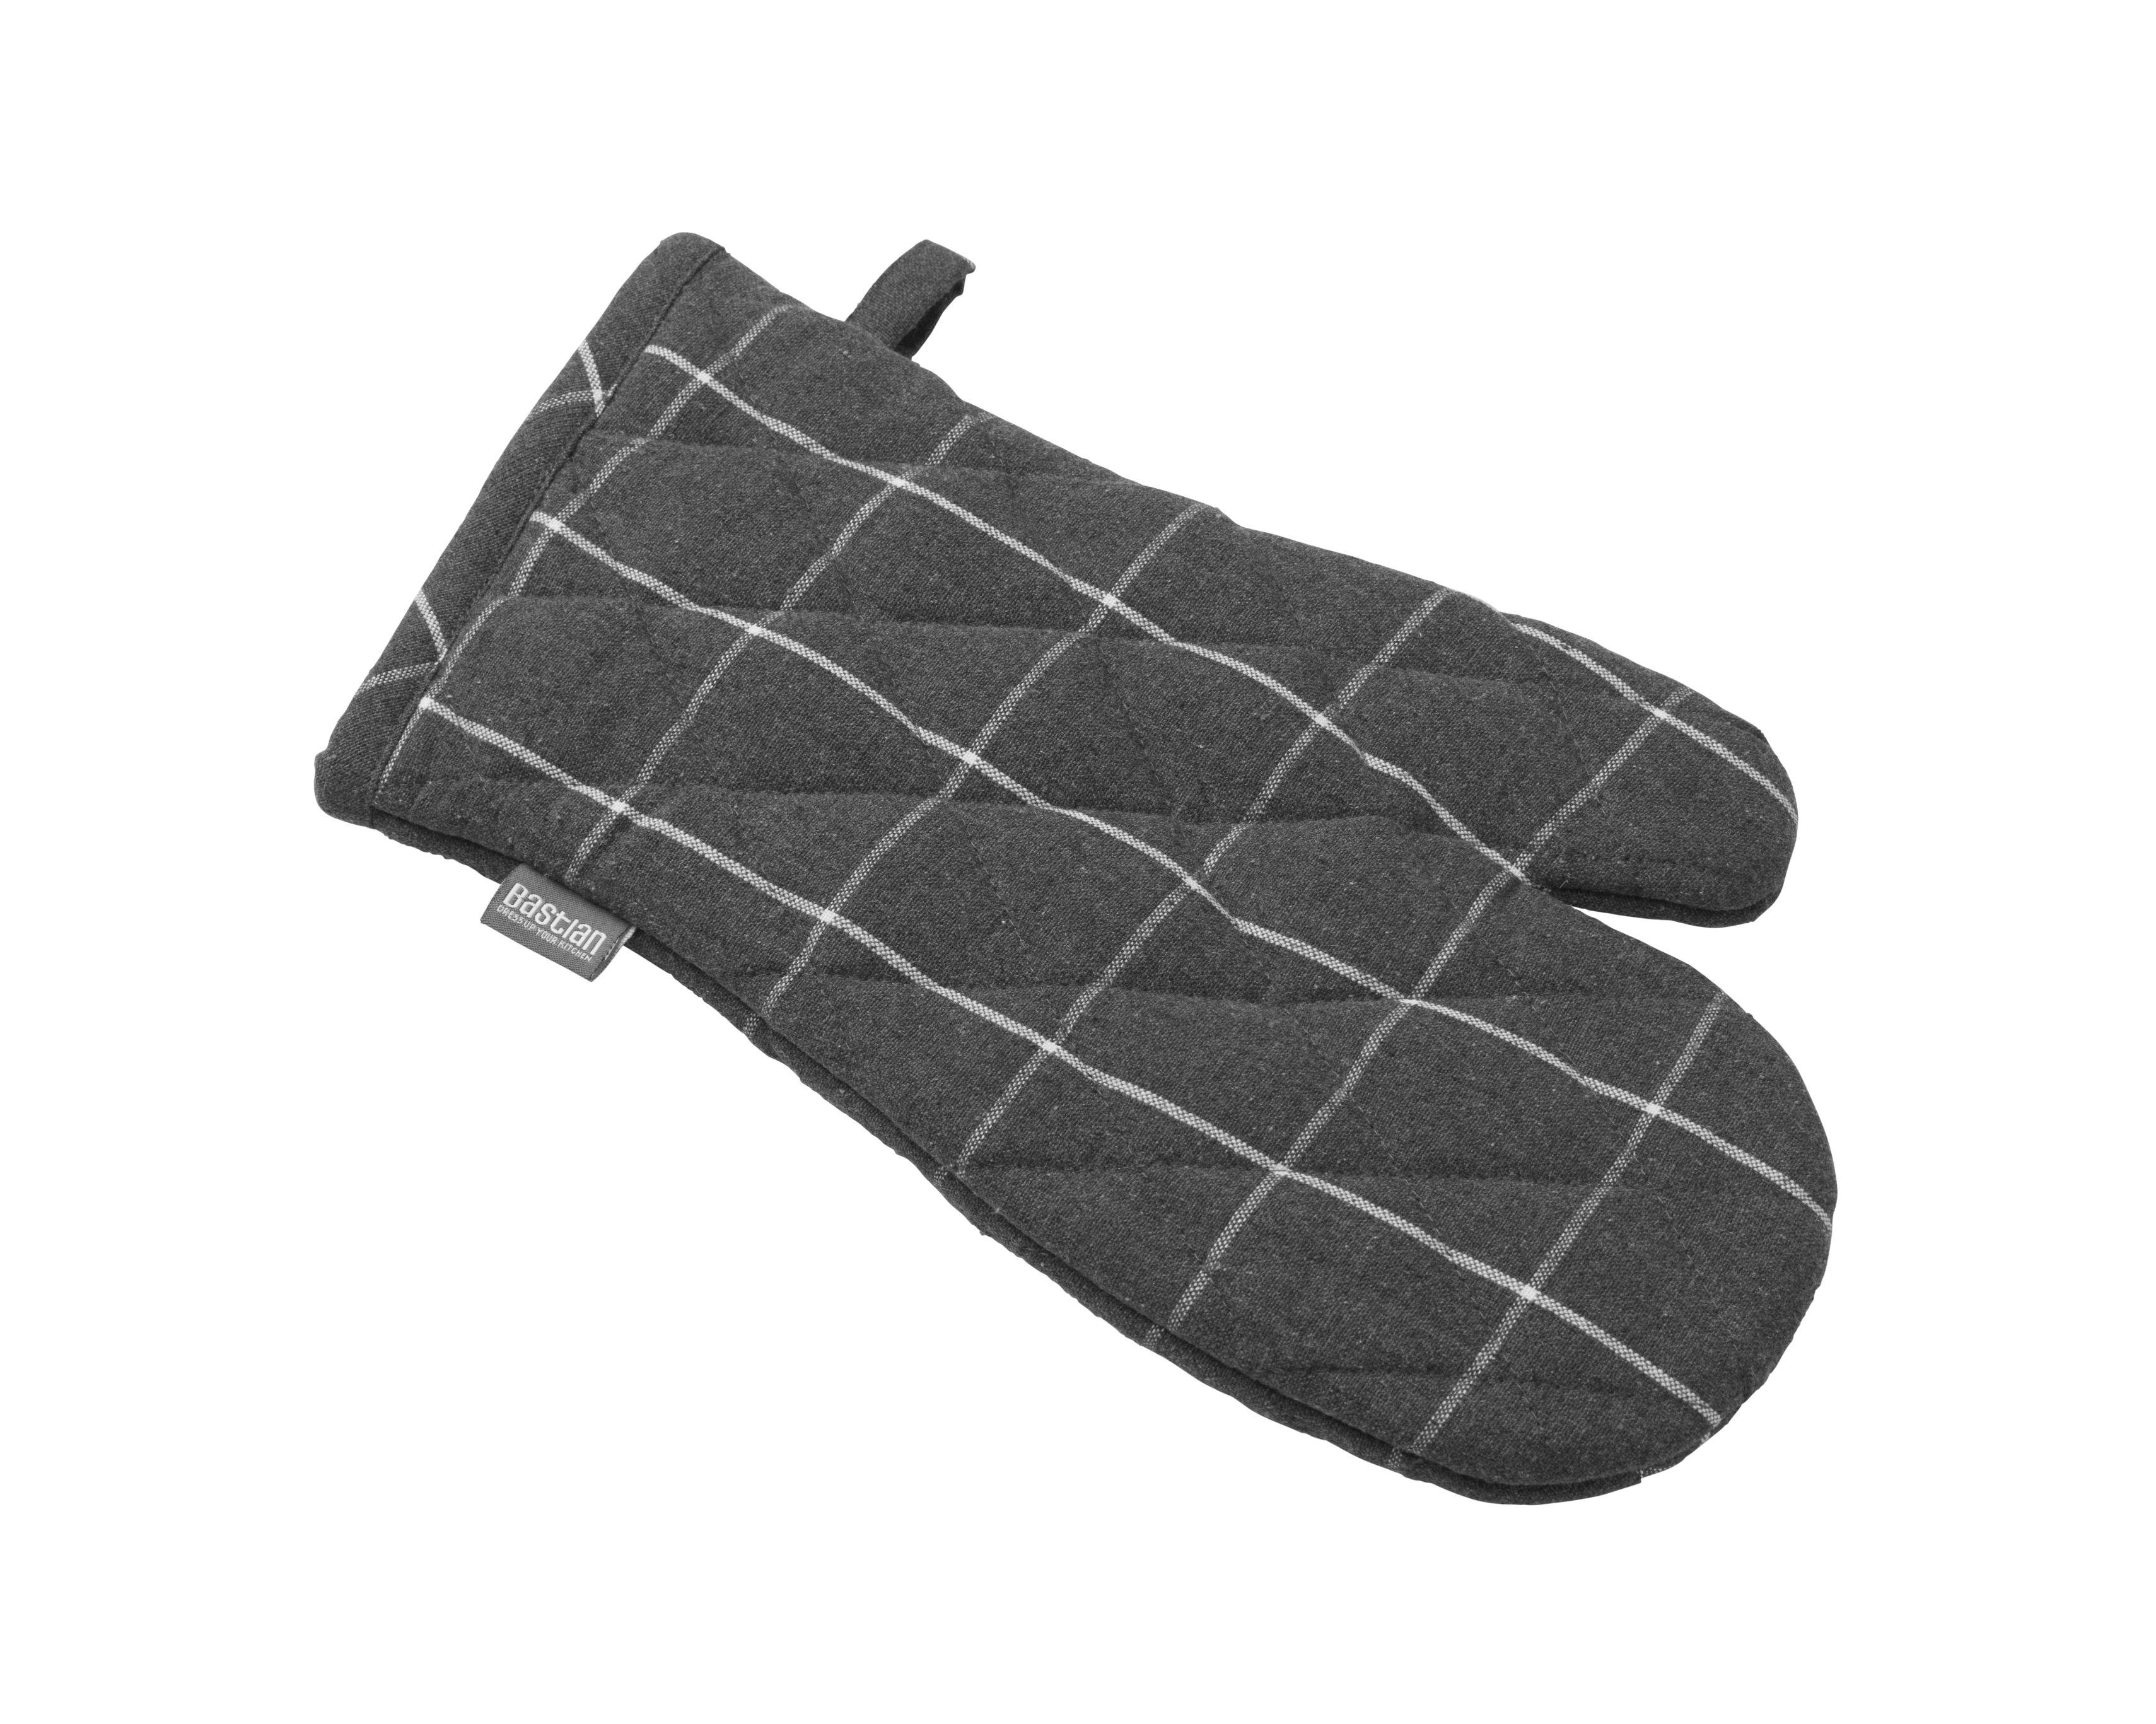 Bastian Recycle grillhandske, ternet mørkegrå